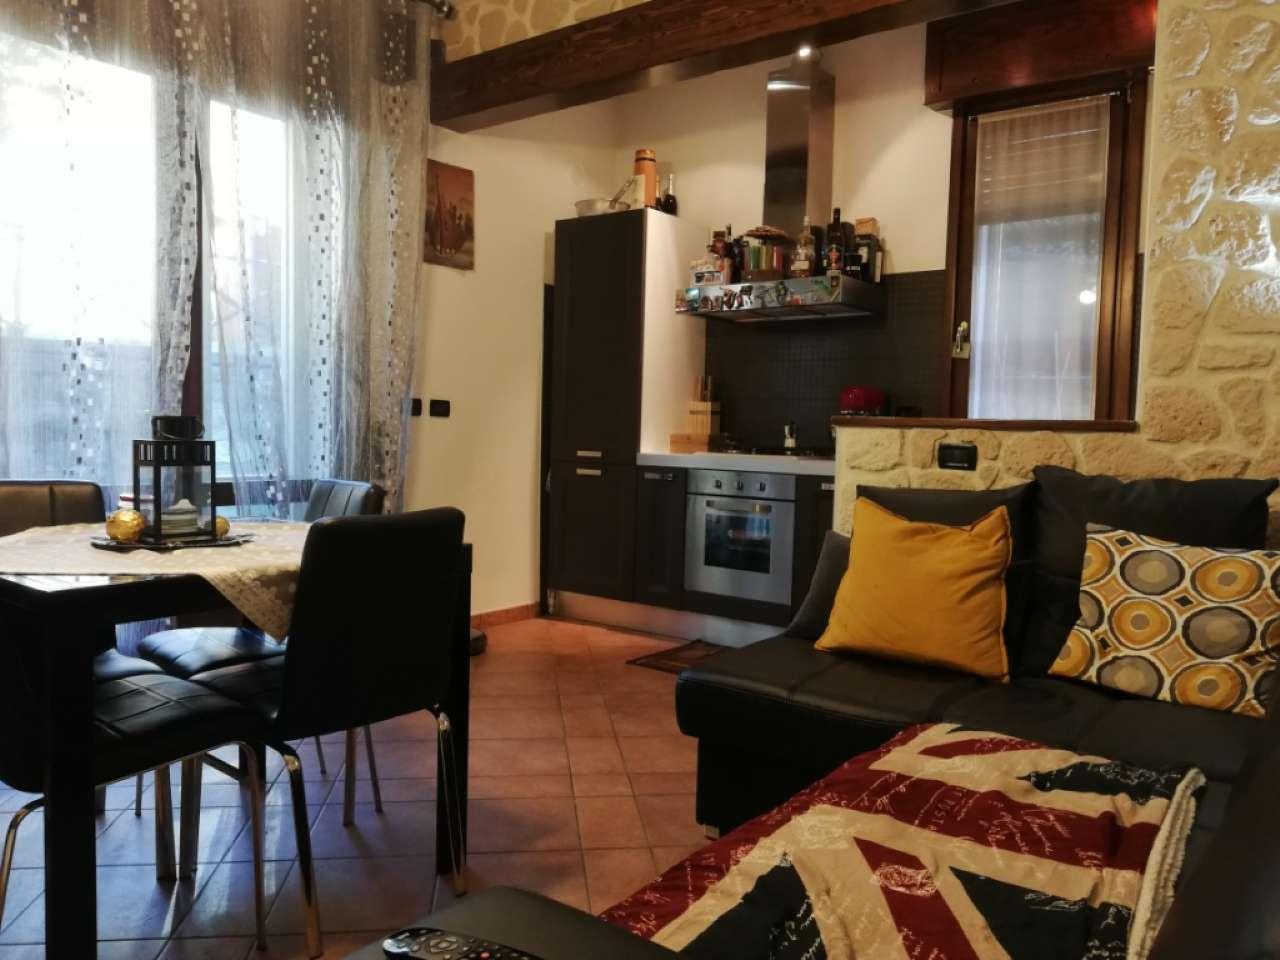 Appartamento in vendita a Monzuno, 2 locali, prezzo € 62.000 | PortaleAgenzieImmobiliari.it